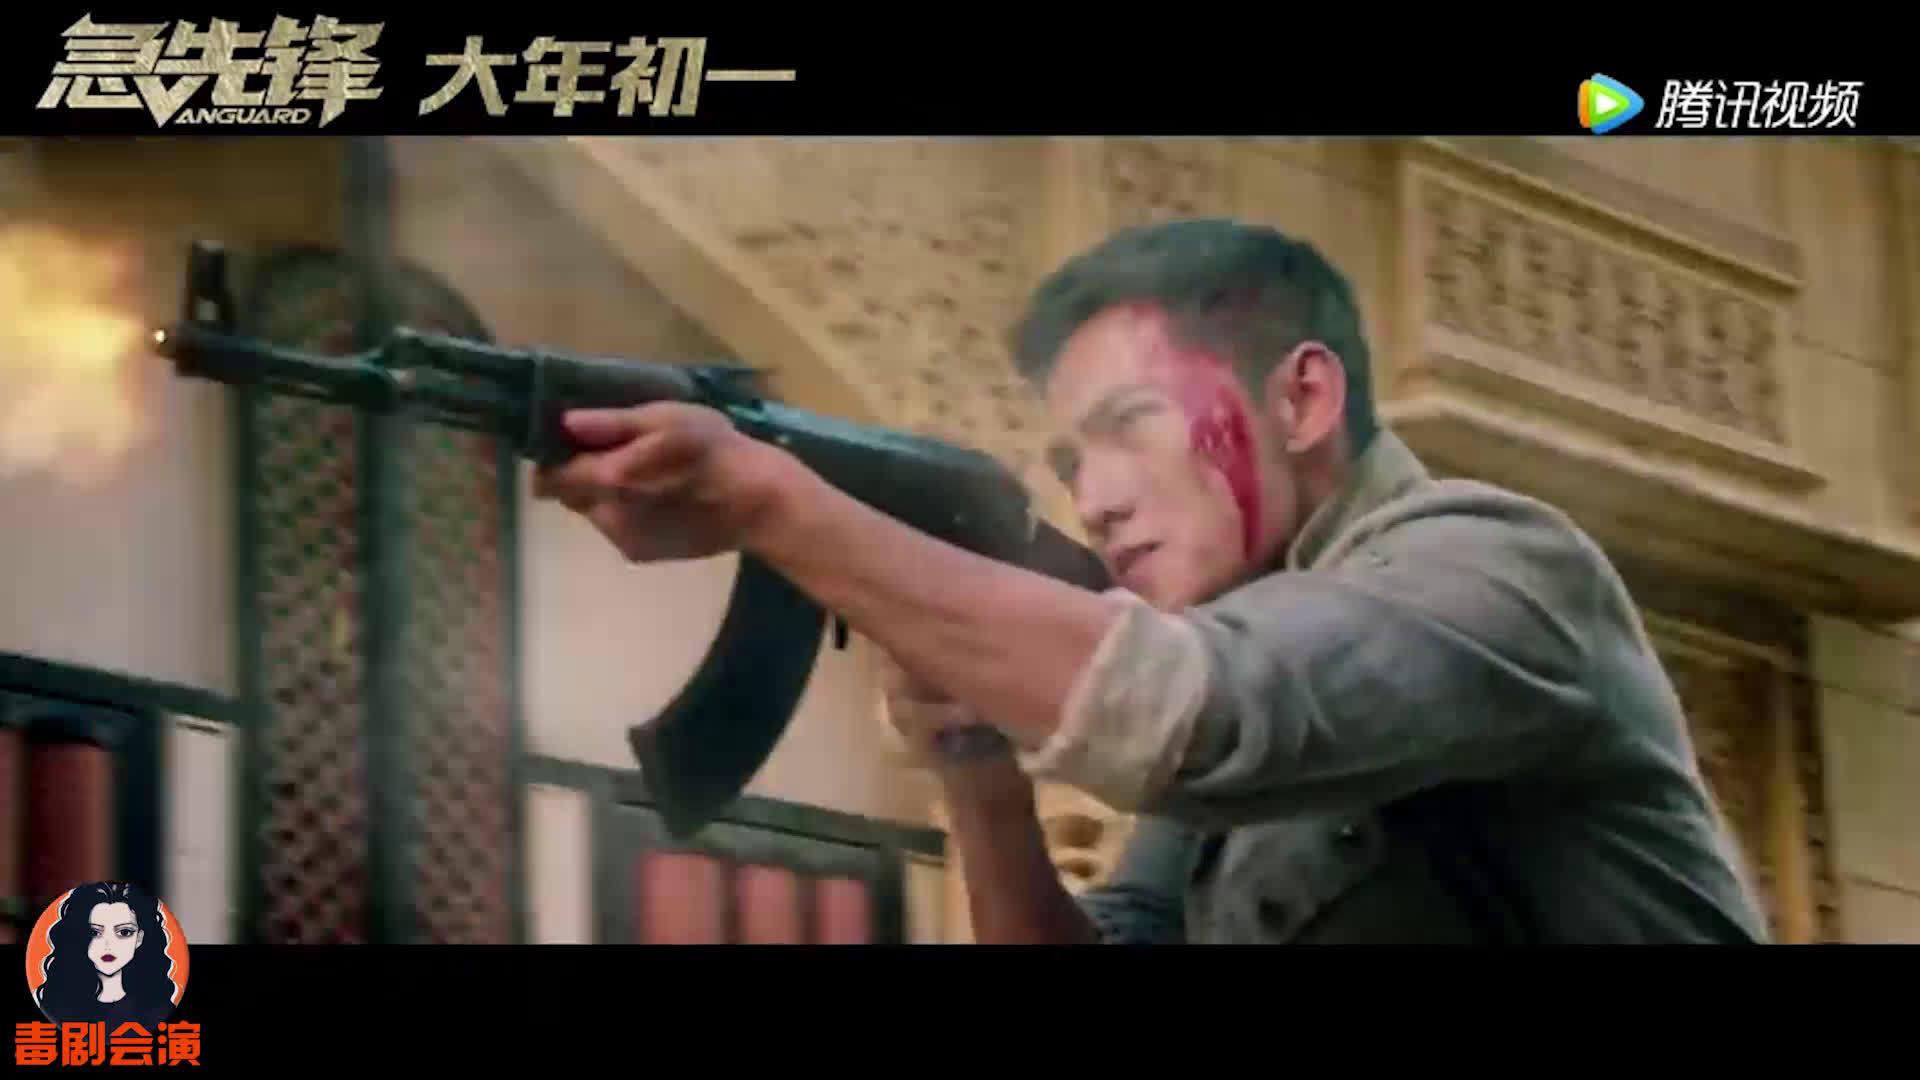 杨洋特辑,硬核队长雷震宇,坚韧的性格,敏捷的身手